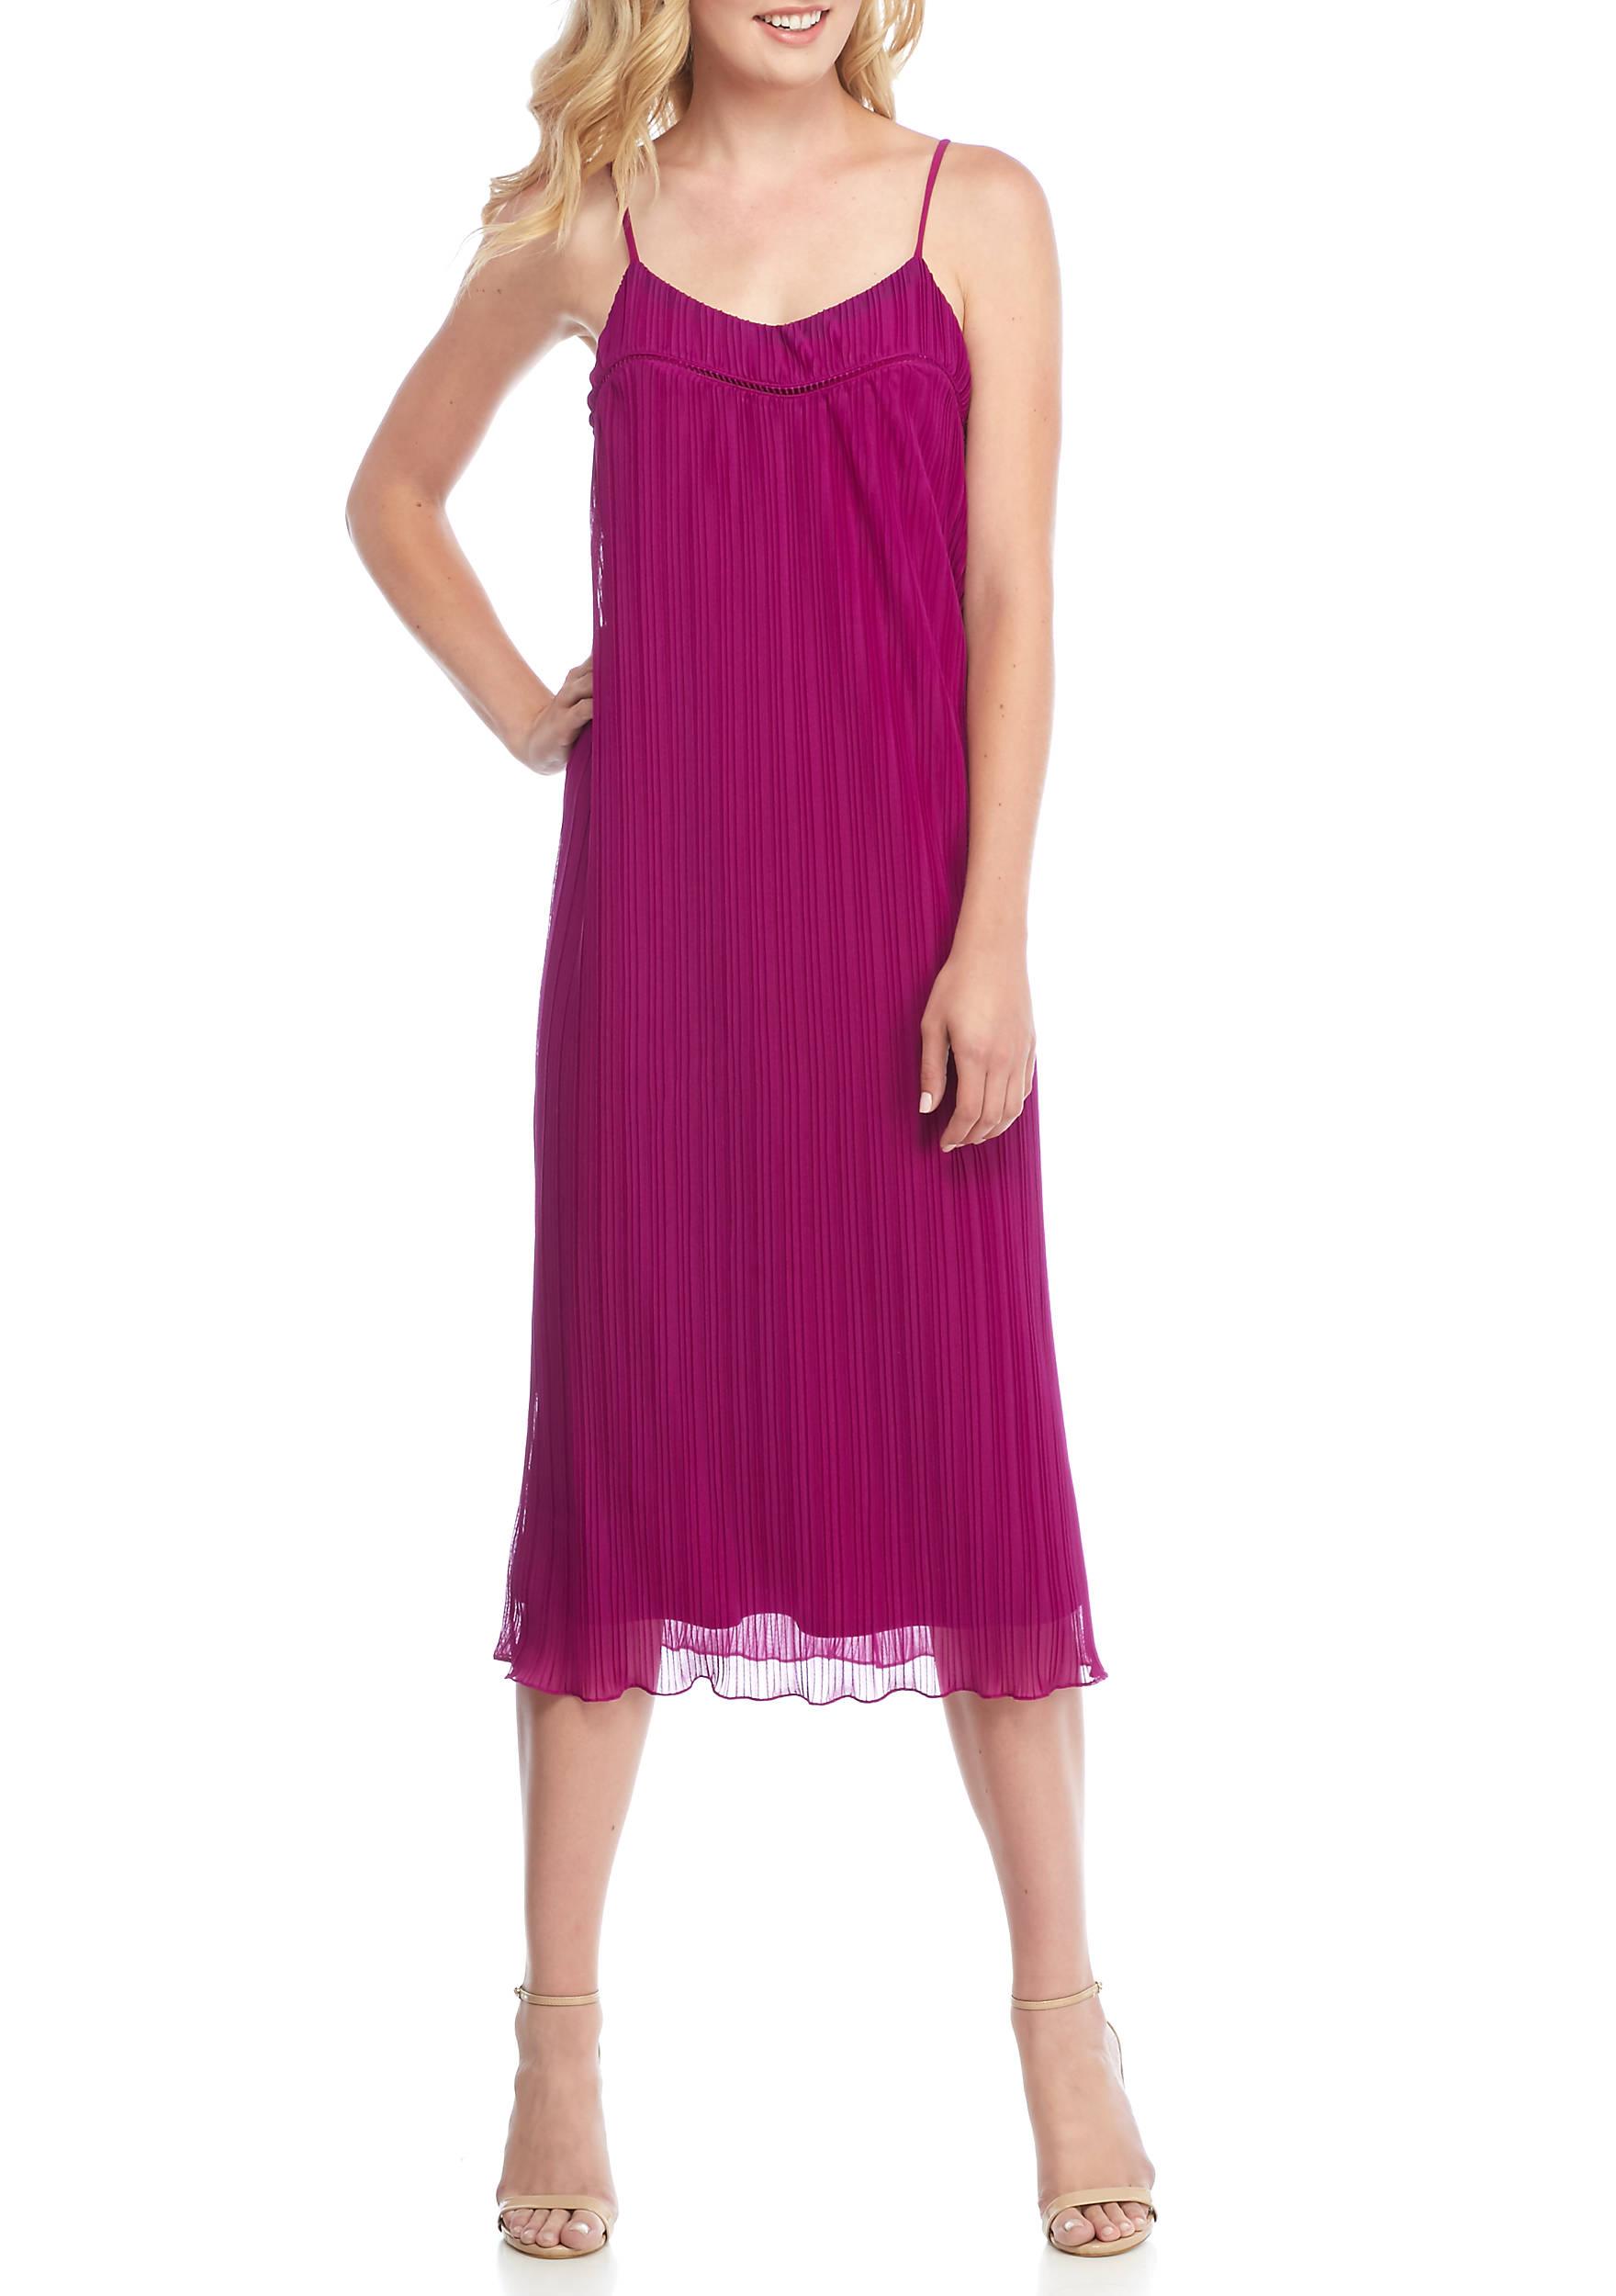 Fantástico Vestidos De Dama De Sears Friso - Colección del Vestido ...